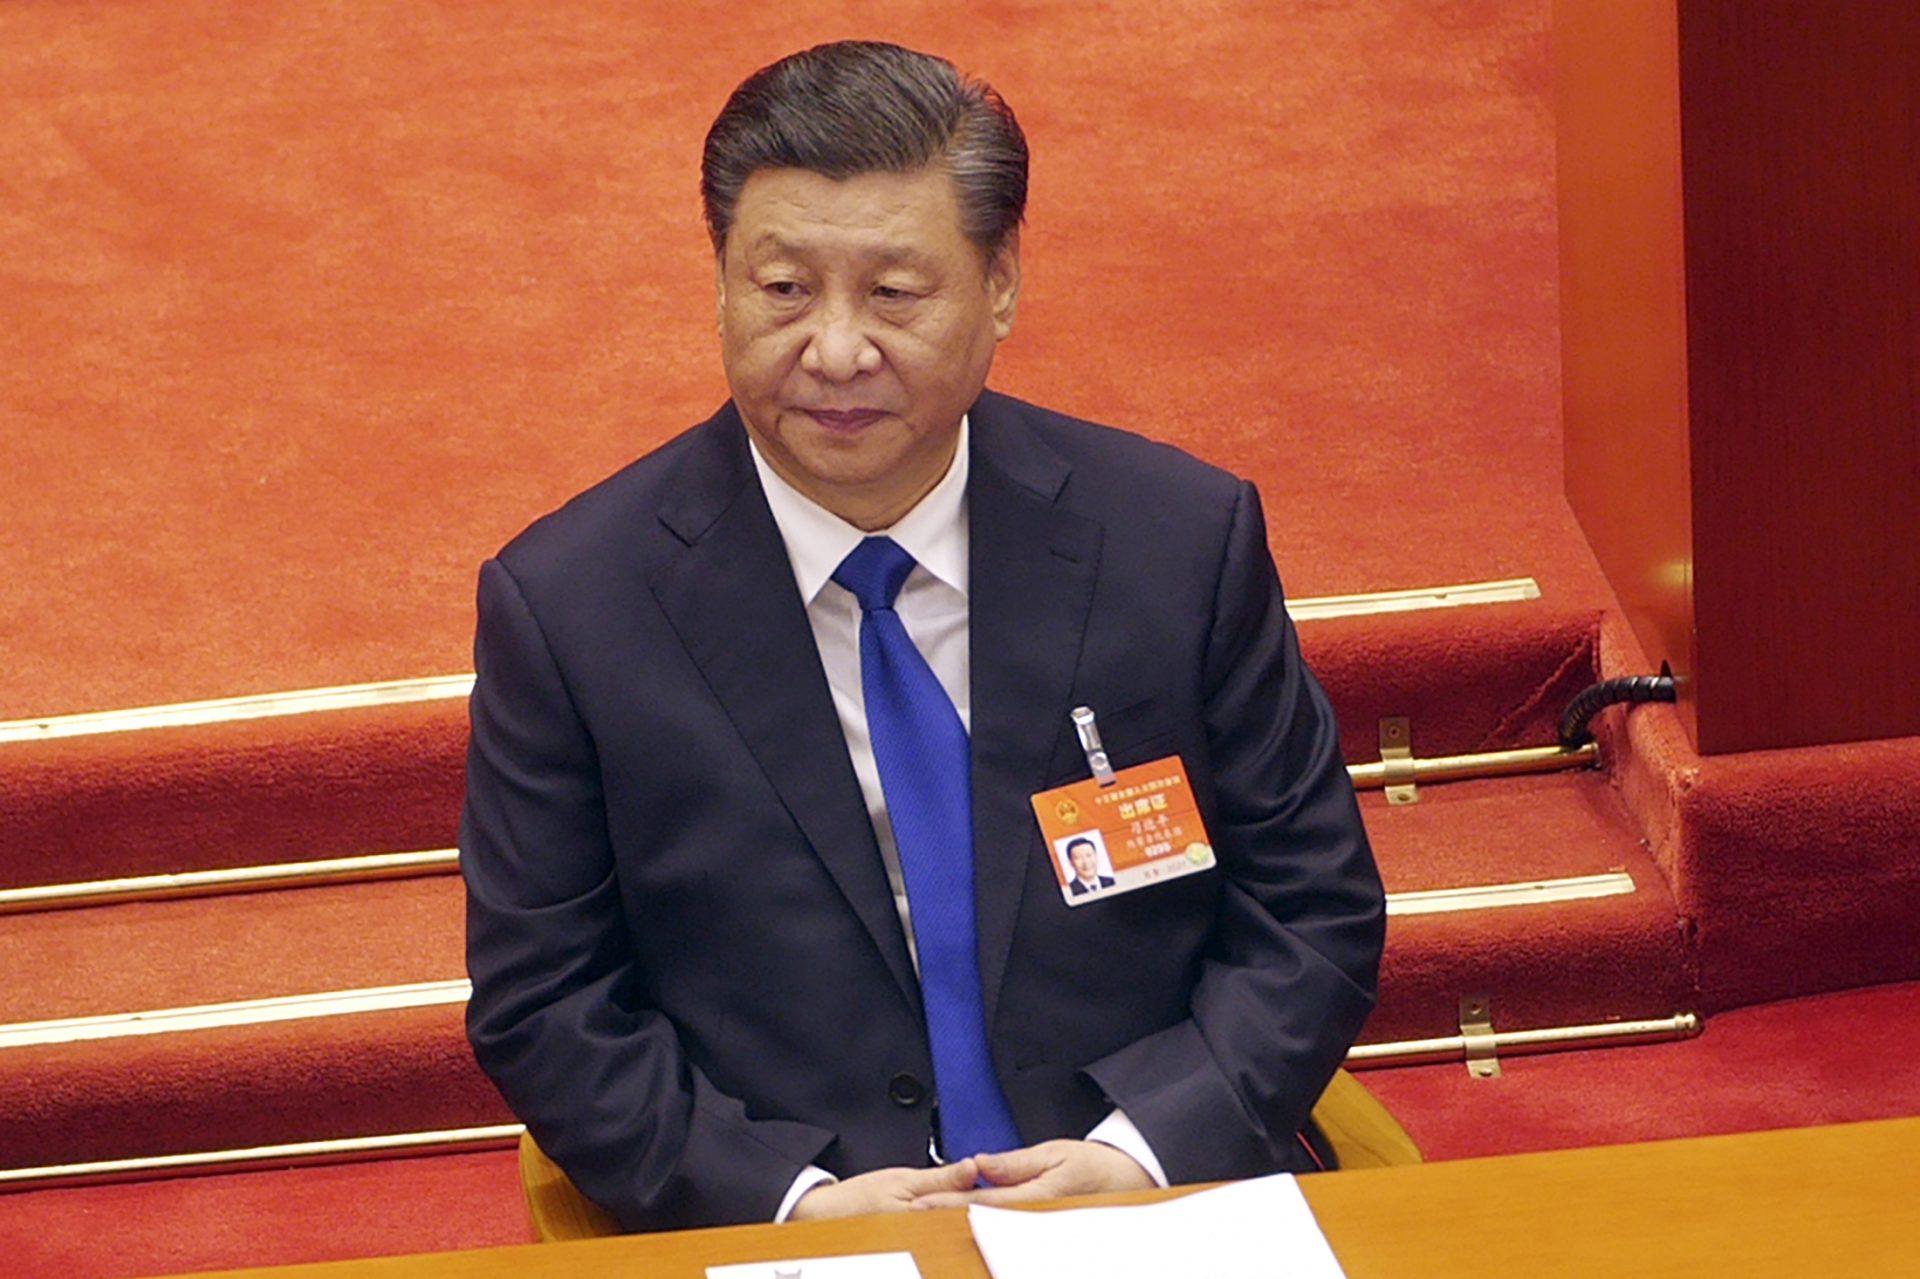 日米会談やG7等で台湾海峡危機が議論、習近平の野望とは?(元統合幕僚長の岩崎氏)(1)